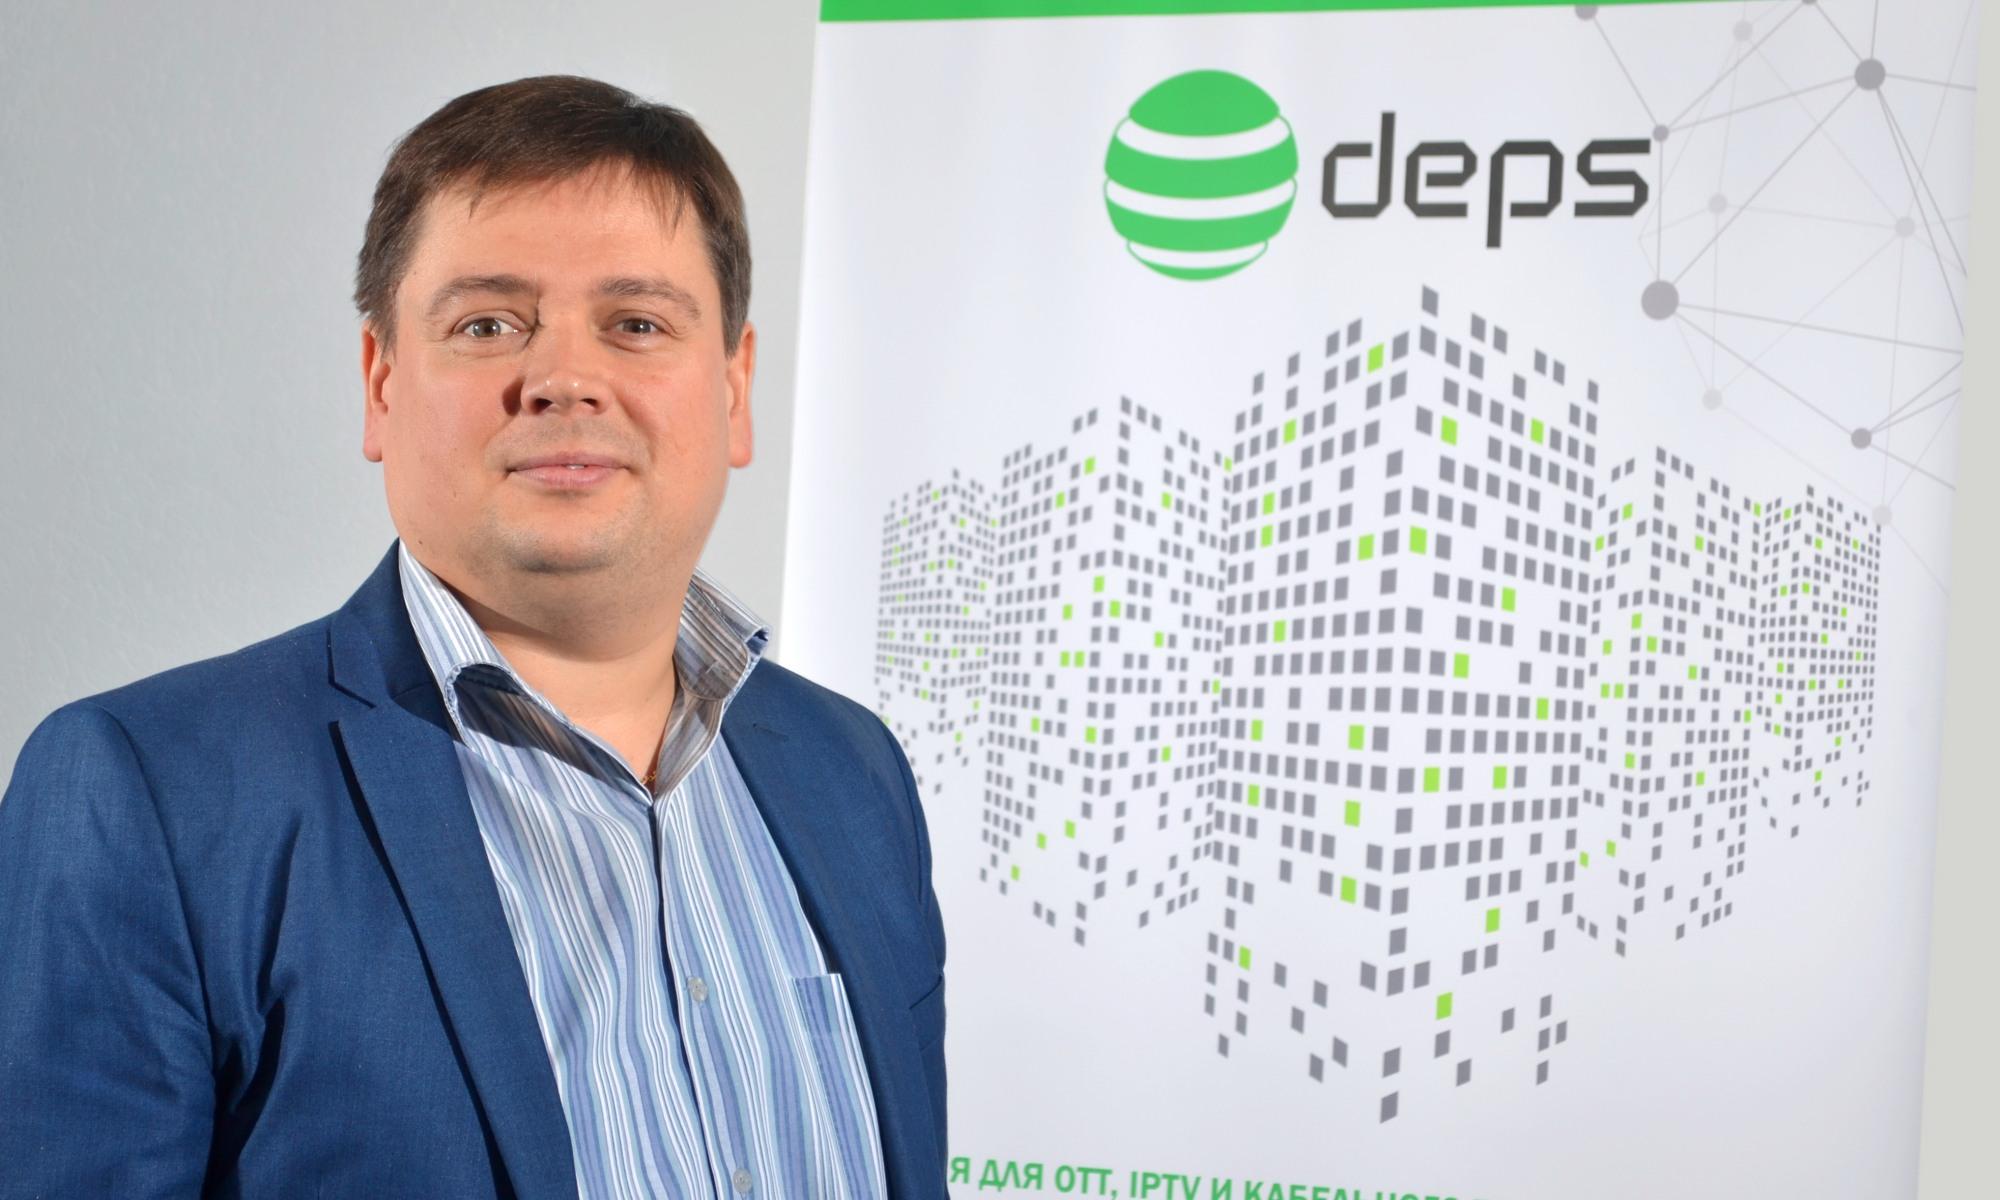 Евгений Мирошниченко, DEPS